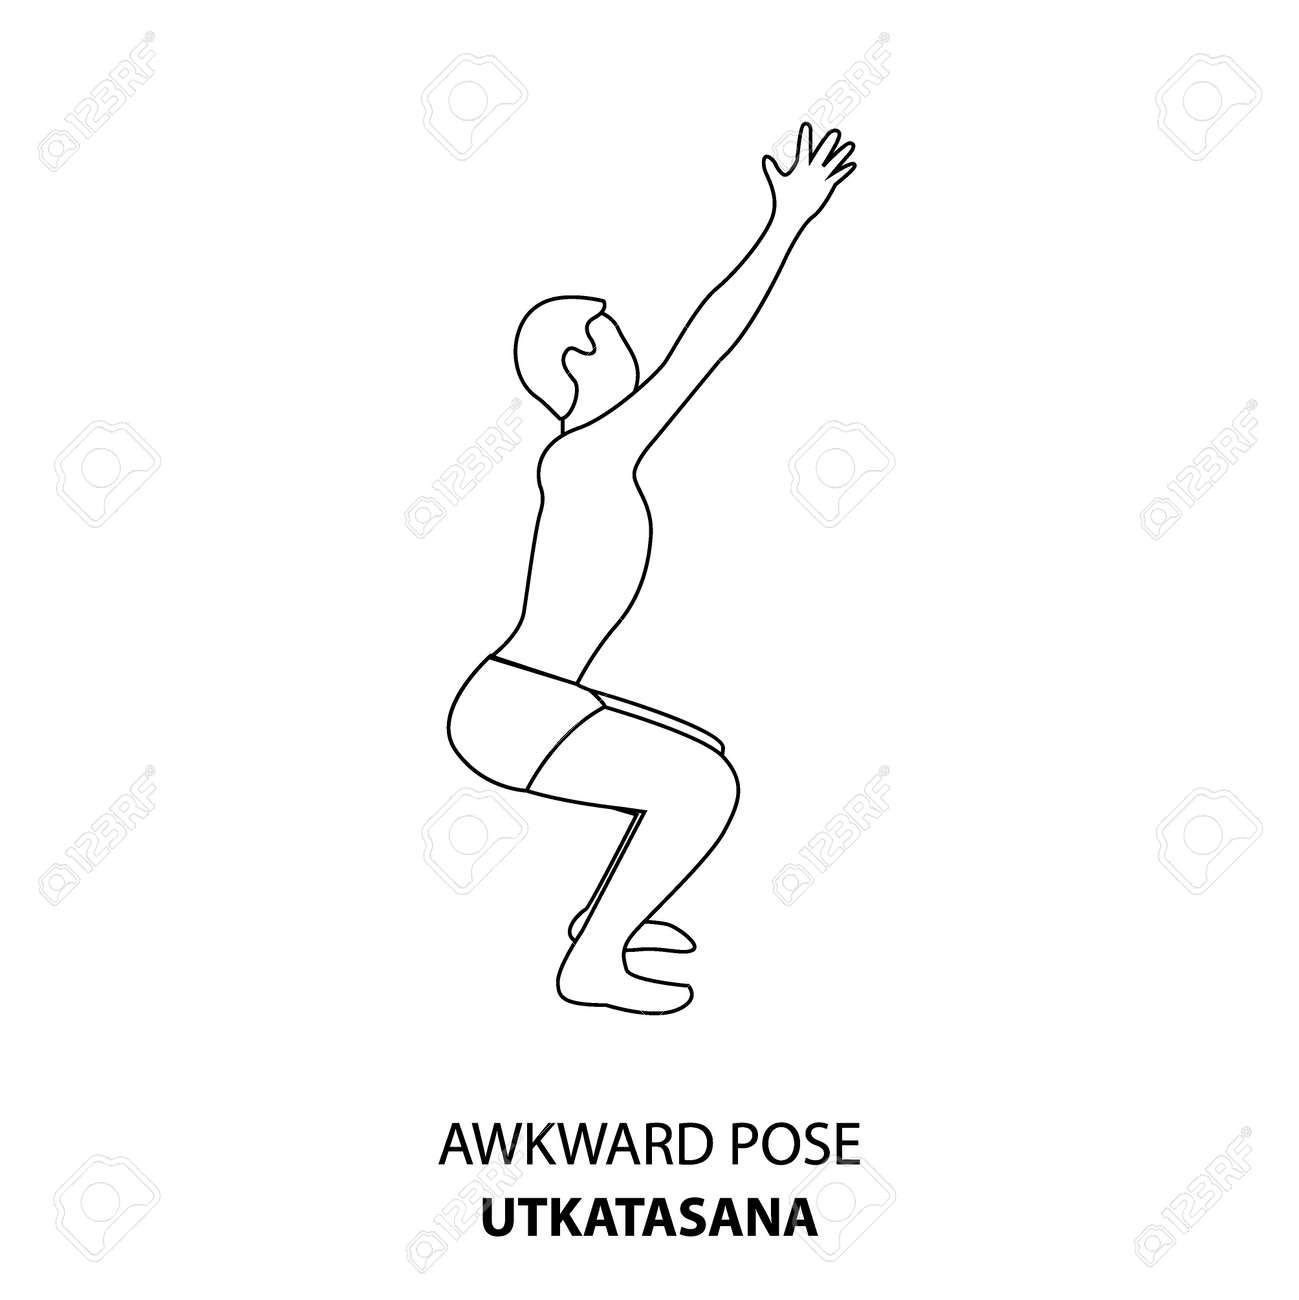 Man practicing yoga pose isolated outline Illustration. Man standing in Awkward Pose or Utkatasana pose, Yoga Asana line icon - 167192007